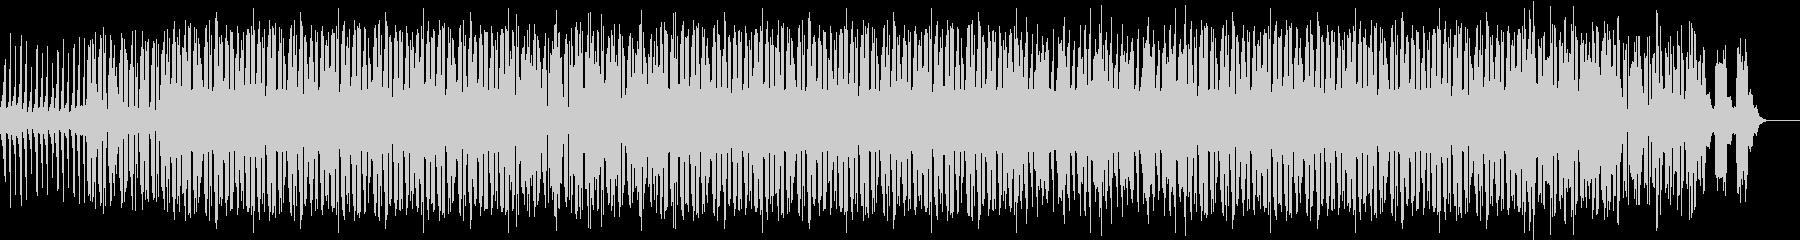 デジタルスクラッチなイメージの曲の未再生の波形